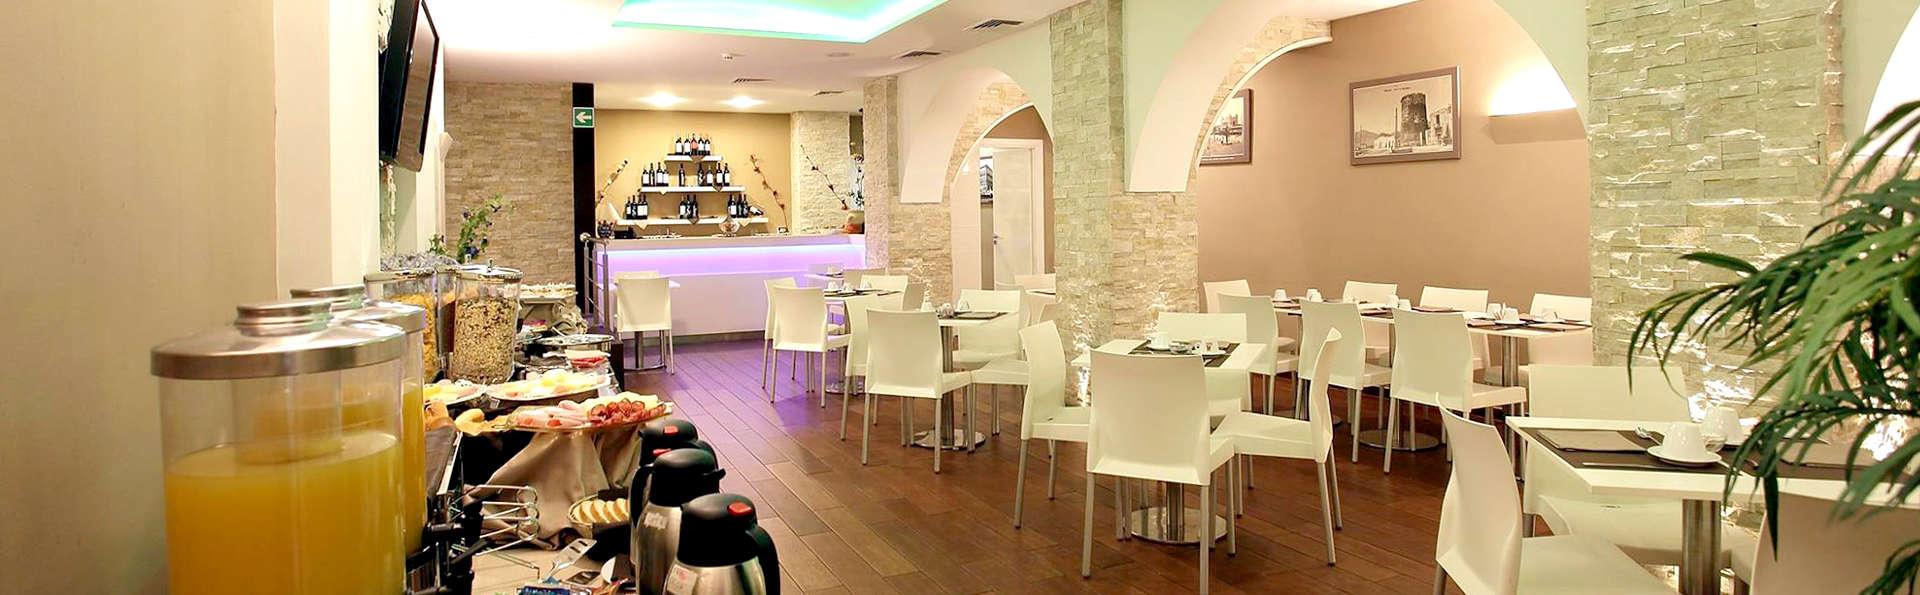 Ibis Styles Palermo Cristal - Edit_Restaurant2.jpg